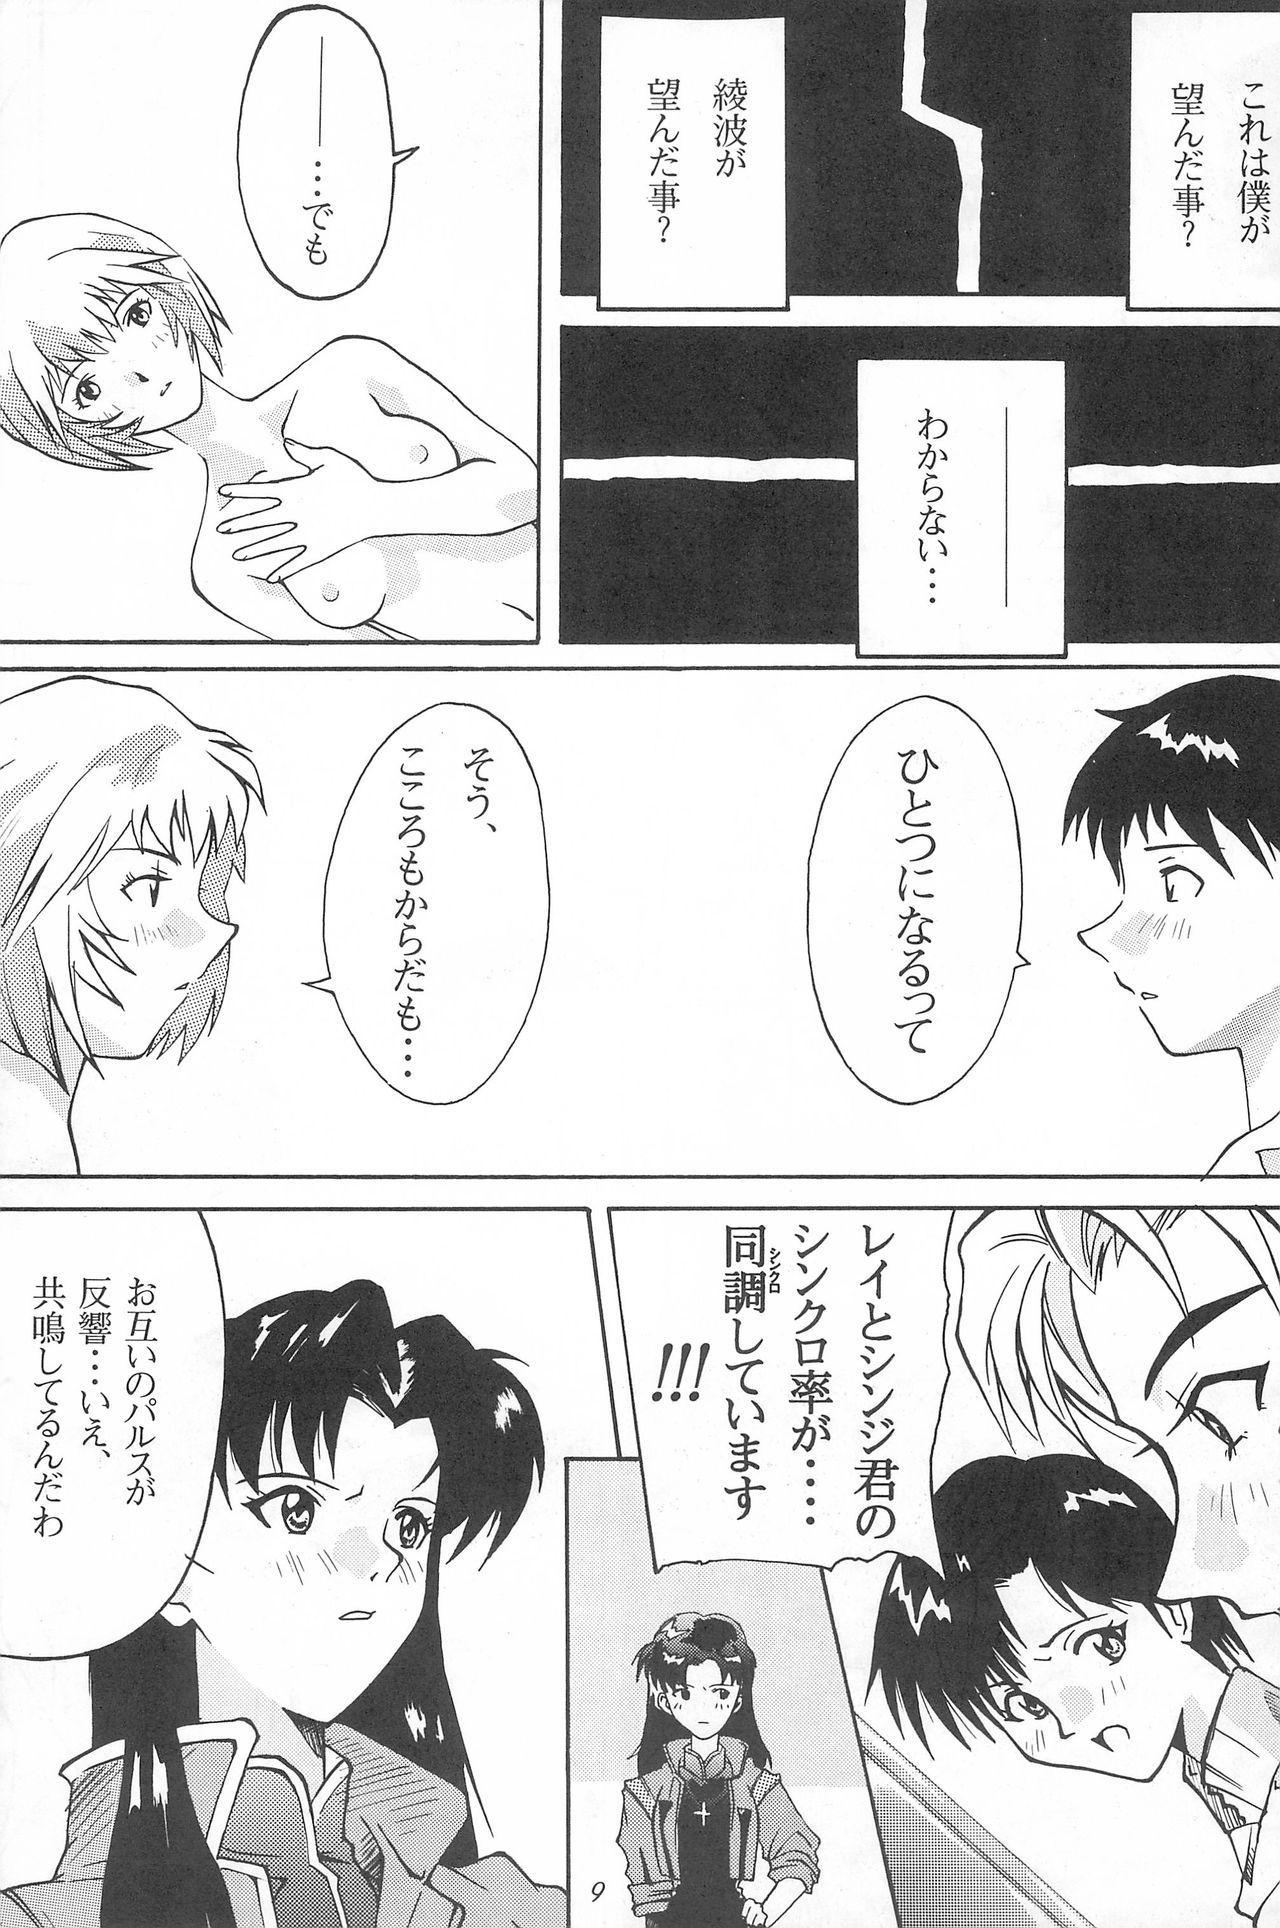 Youseiki Evanlolibon 8